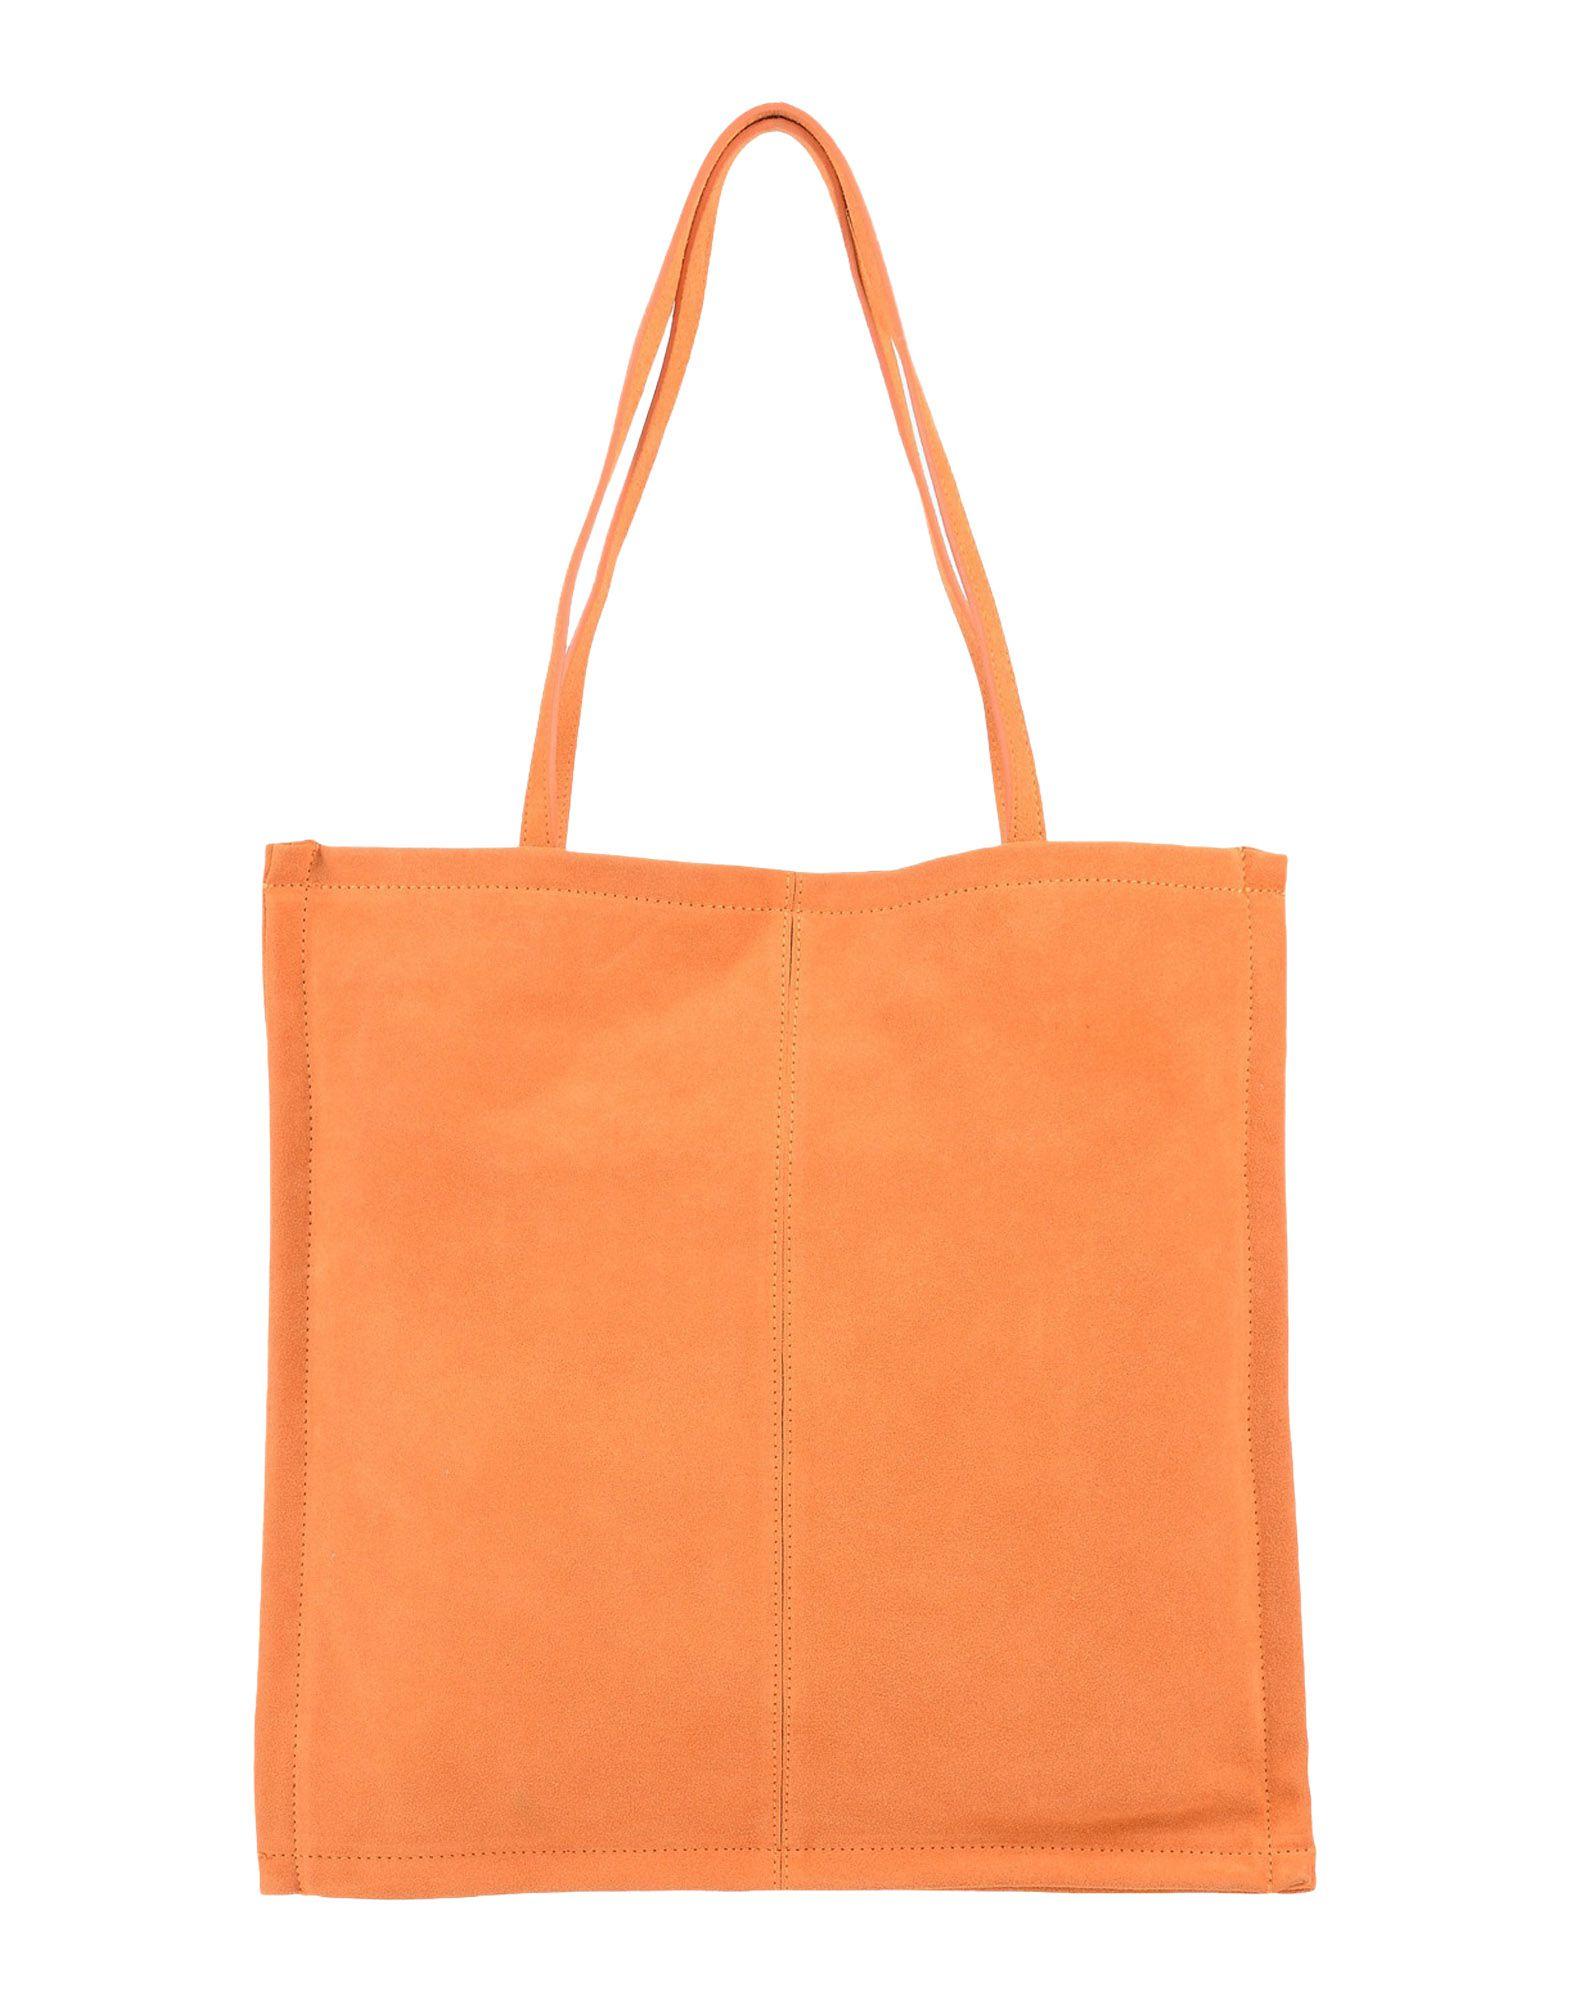 《送料無料》CARLA G. レディース ハンドバッグ オレンジ 革